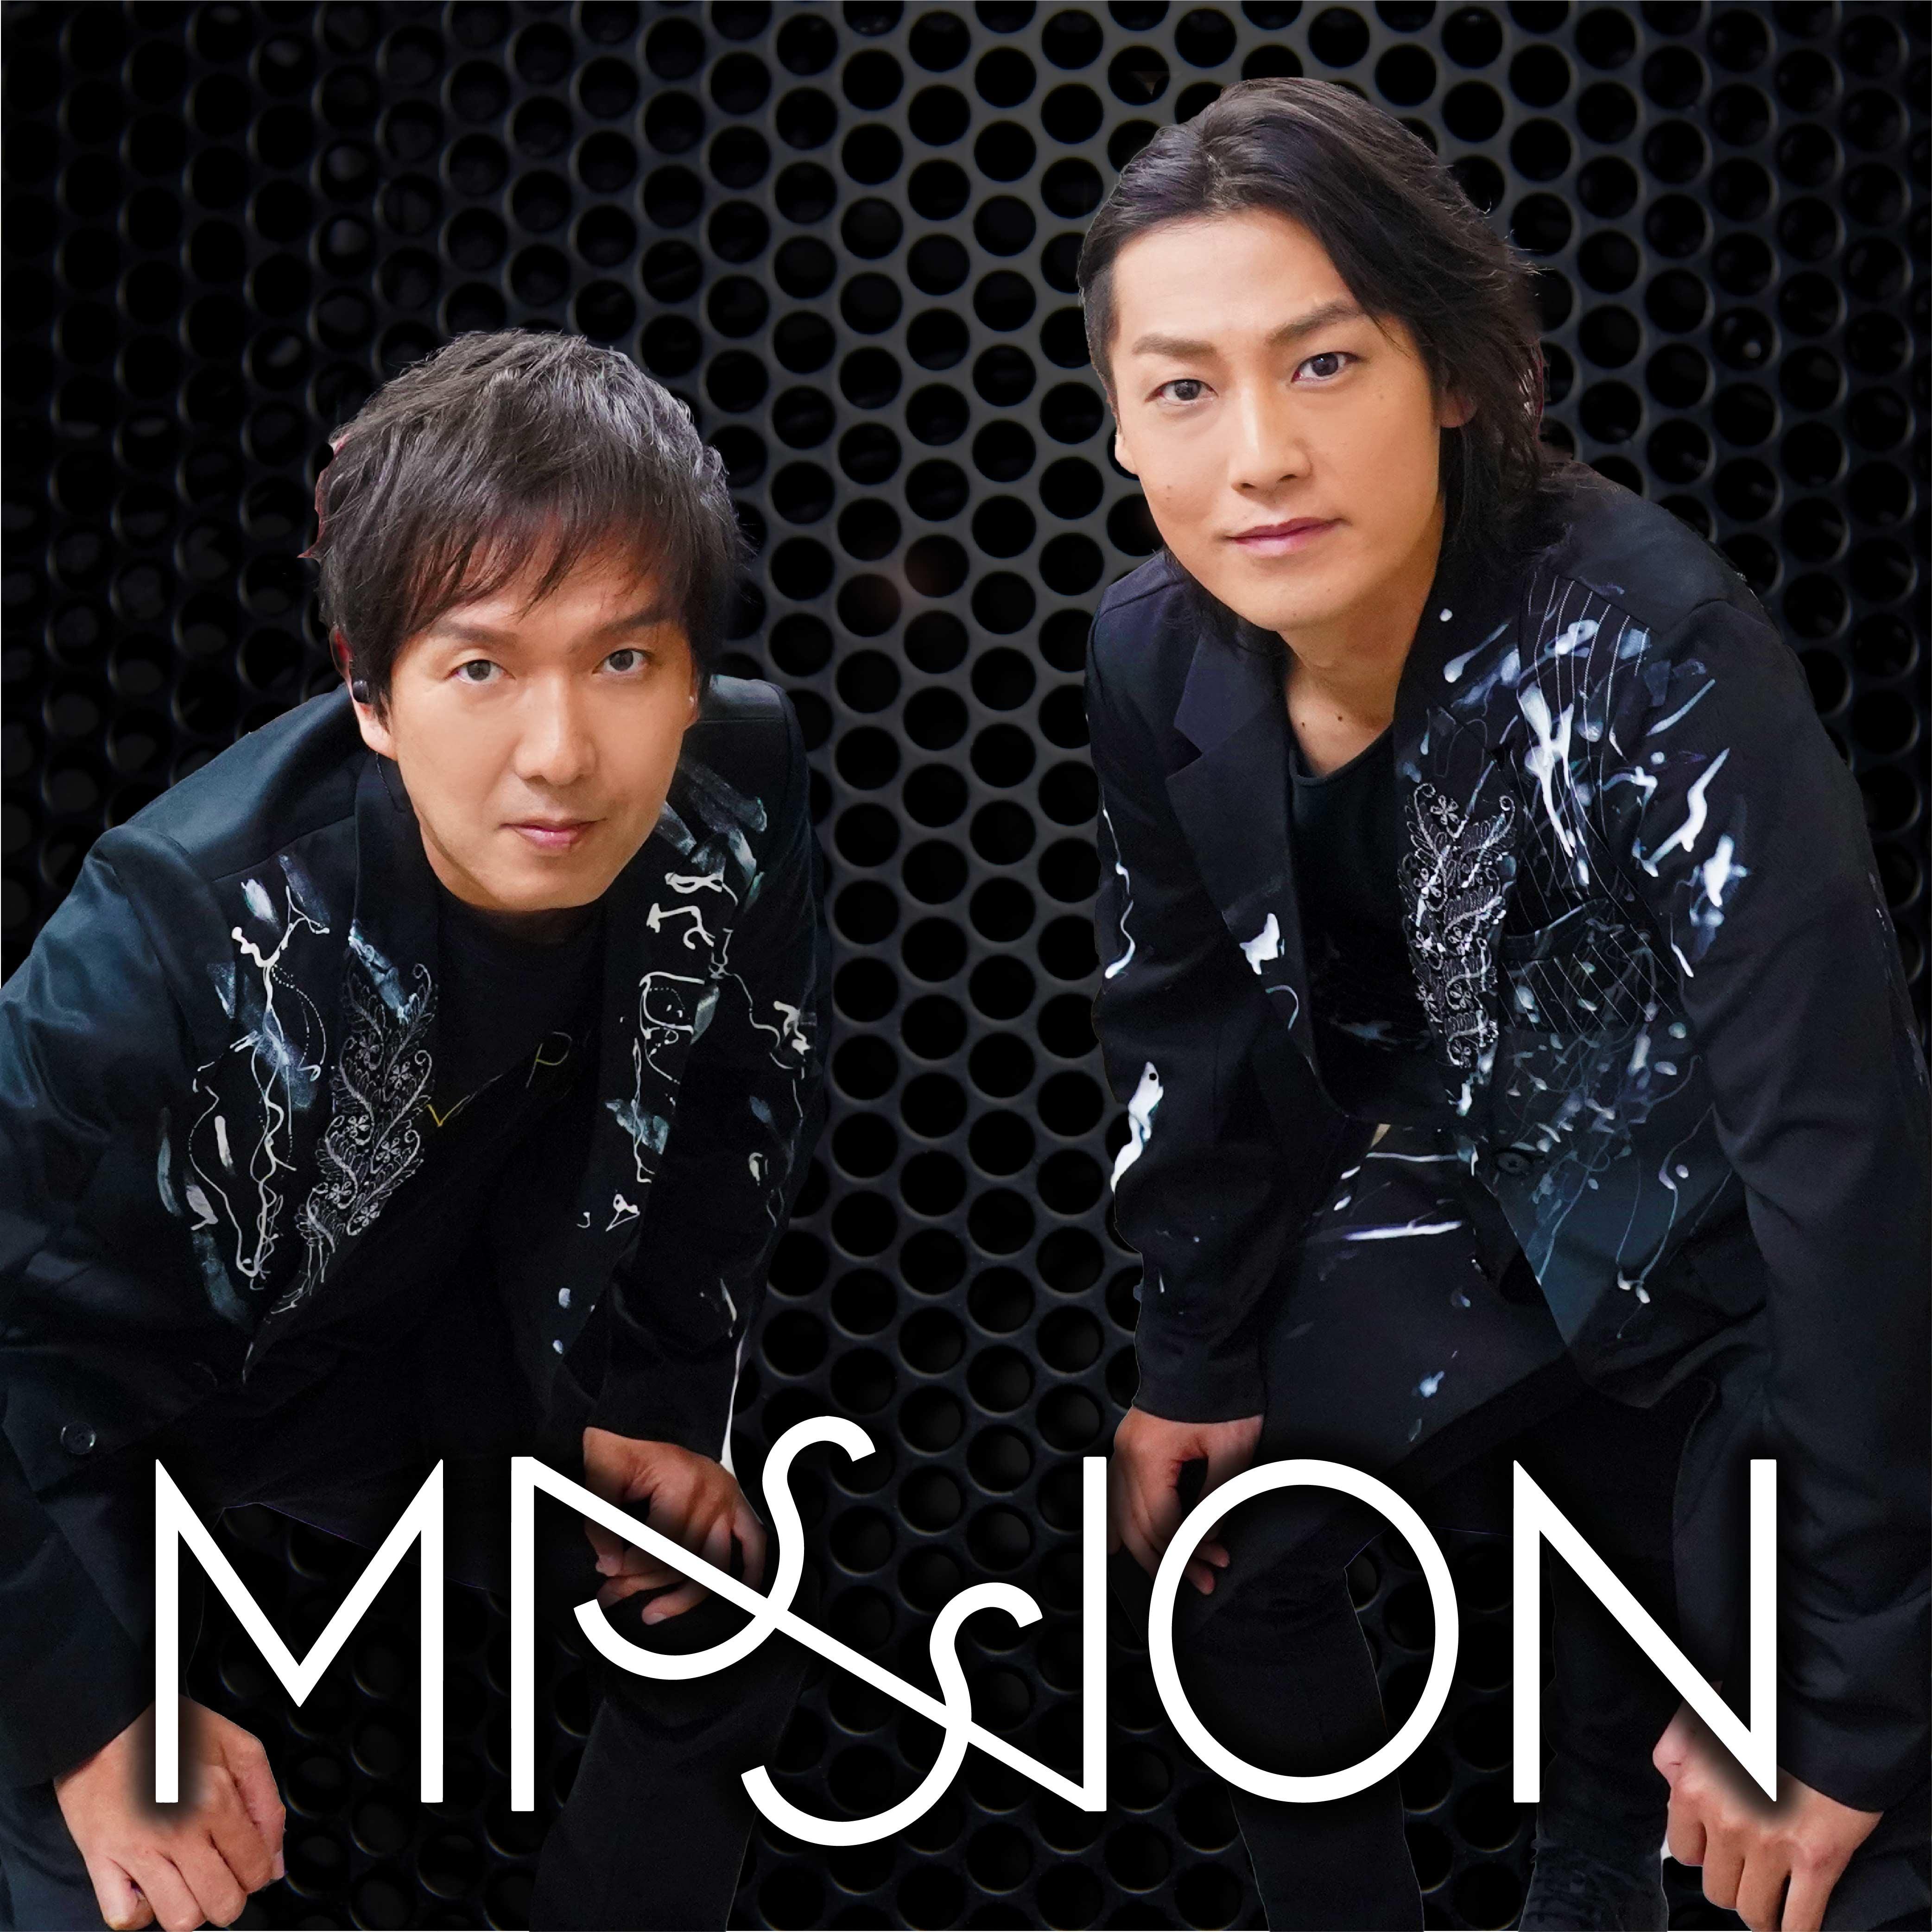 #039 福士誠治・濱田貴司「MISSION」『半人半鬼』作品解説・裏話や、音源配信決定のご報告